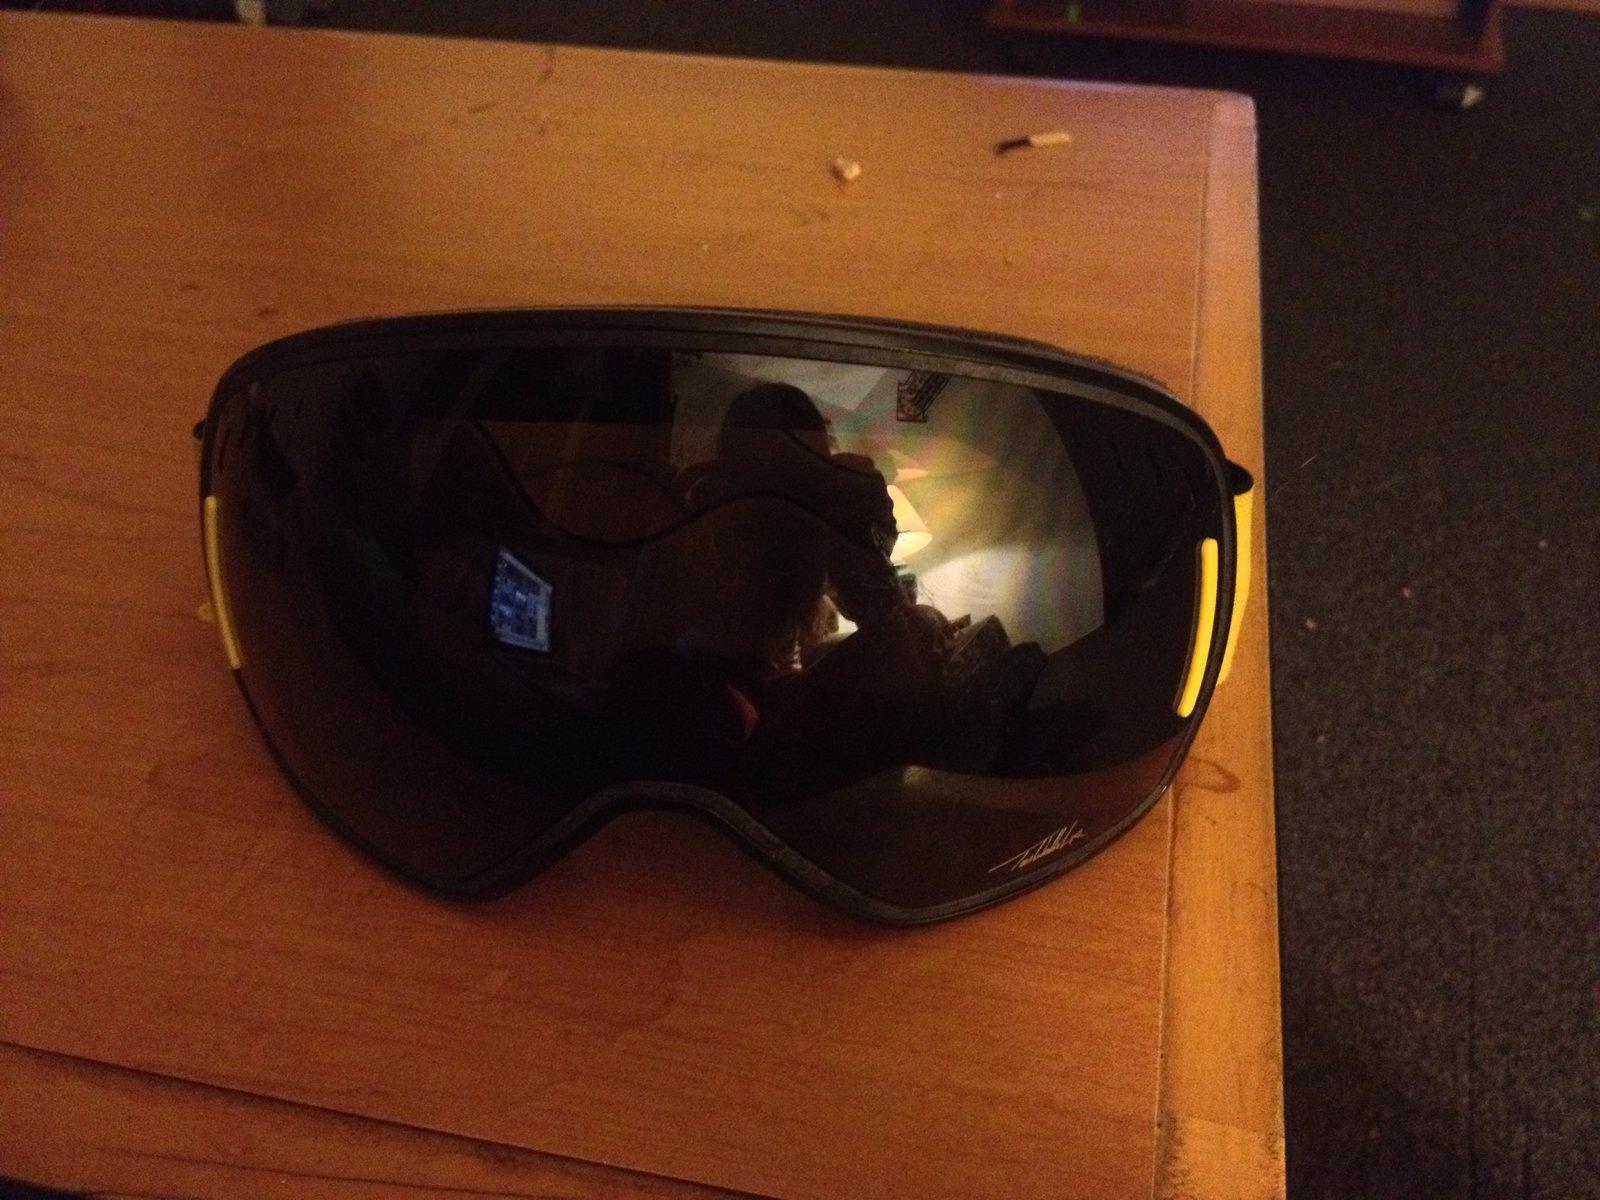 Scott Tom Wallisch Pro Goggles for sale